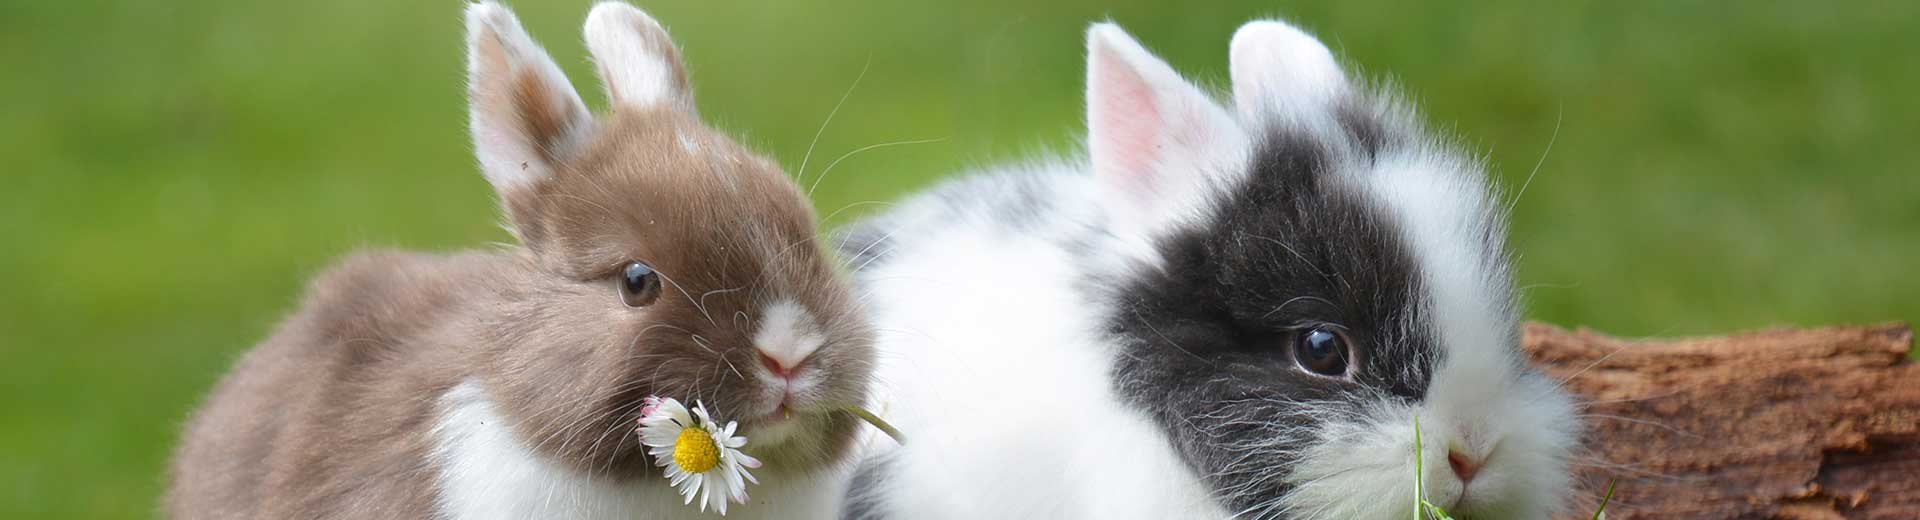 Andere dieren - konijn